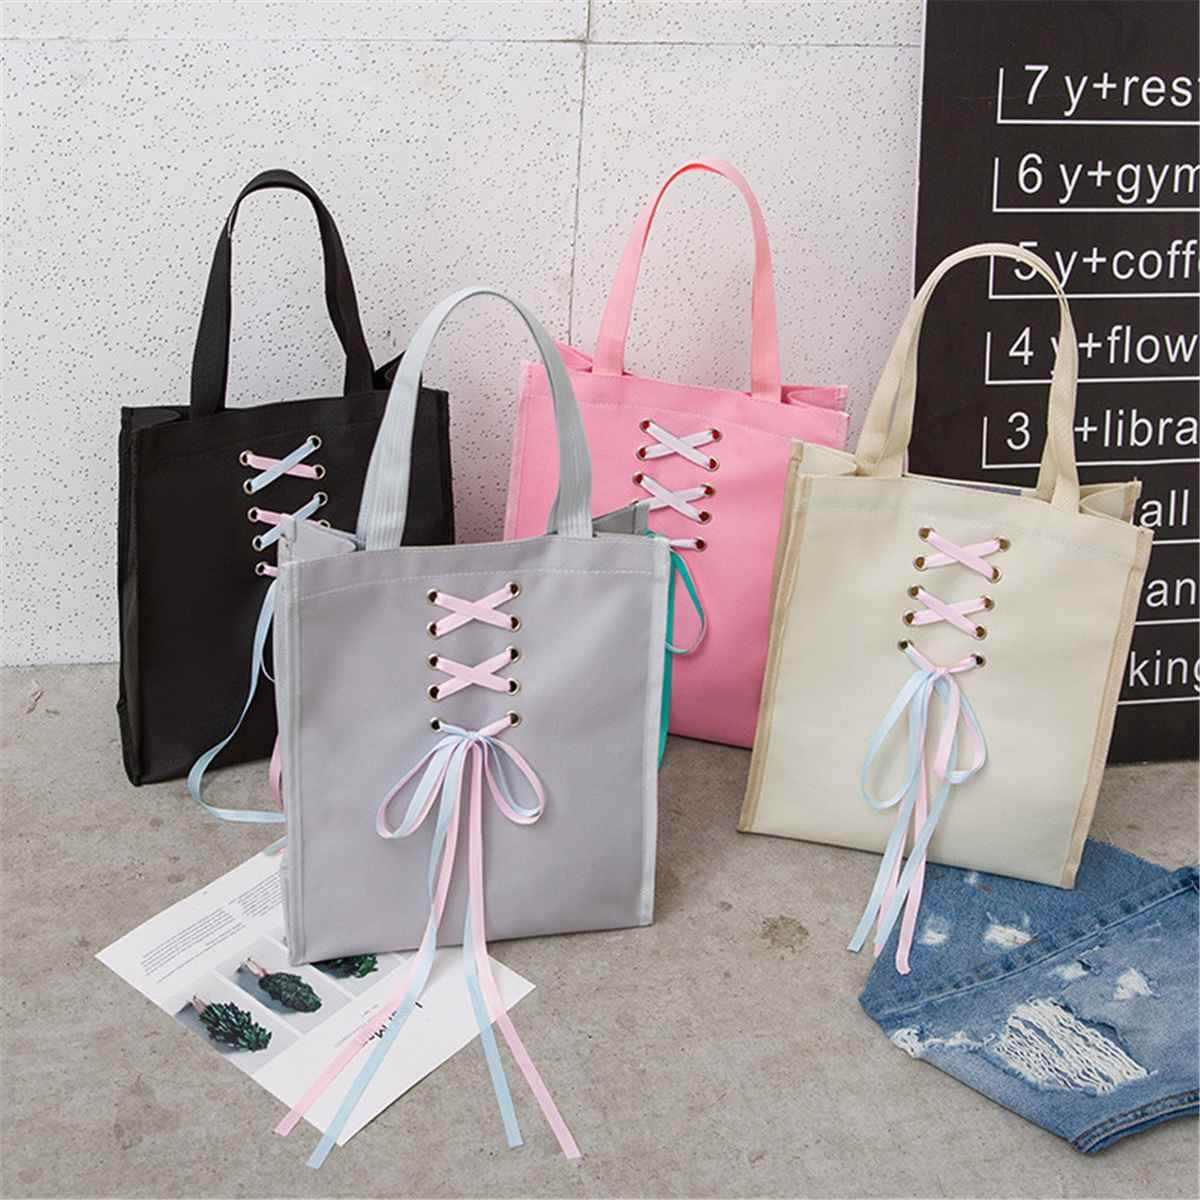 4 шт./компл. ленточная цепь рюкзак с бантом холщовый рюкзак сумки на плечо дорожные рюкзаки для девочек-подростков школьный рюкзак для девочек подарок